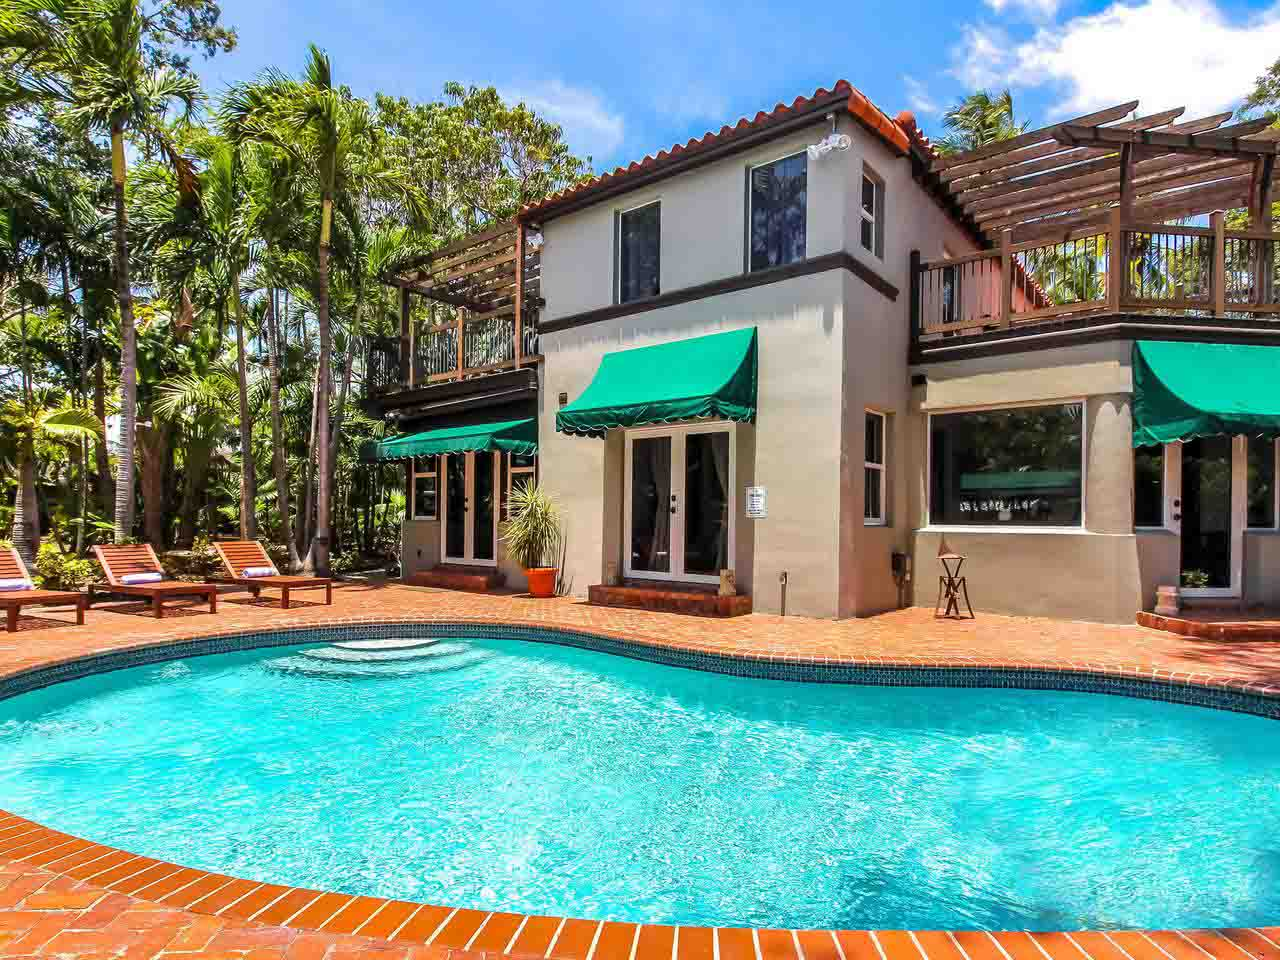 Miami Vacation Home Rentals